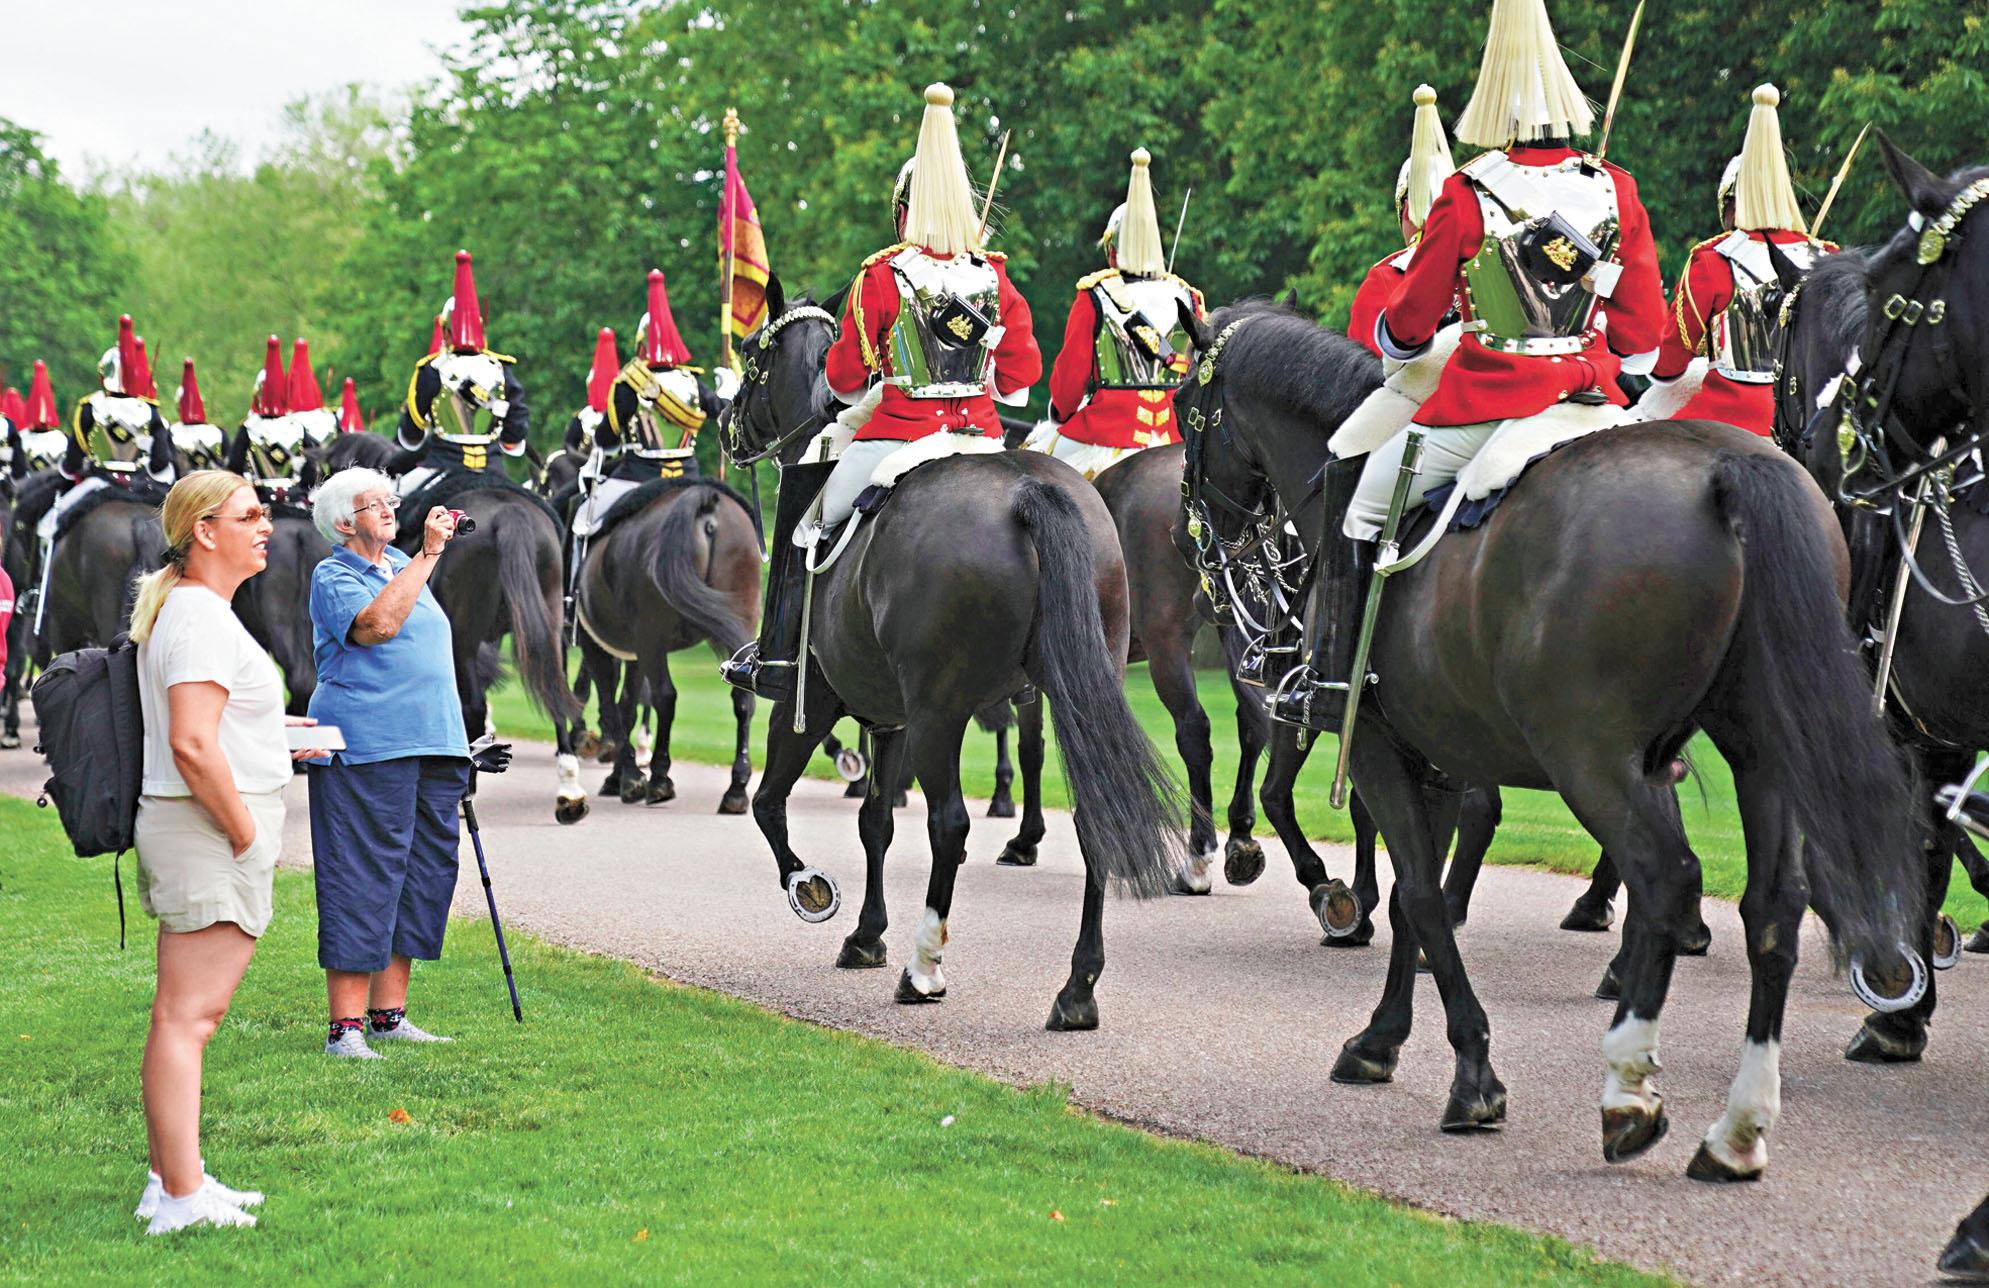 在慶祝儀式之前,騎兵隊列隊前往溫莎堡。美聯社